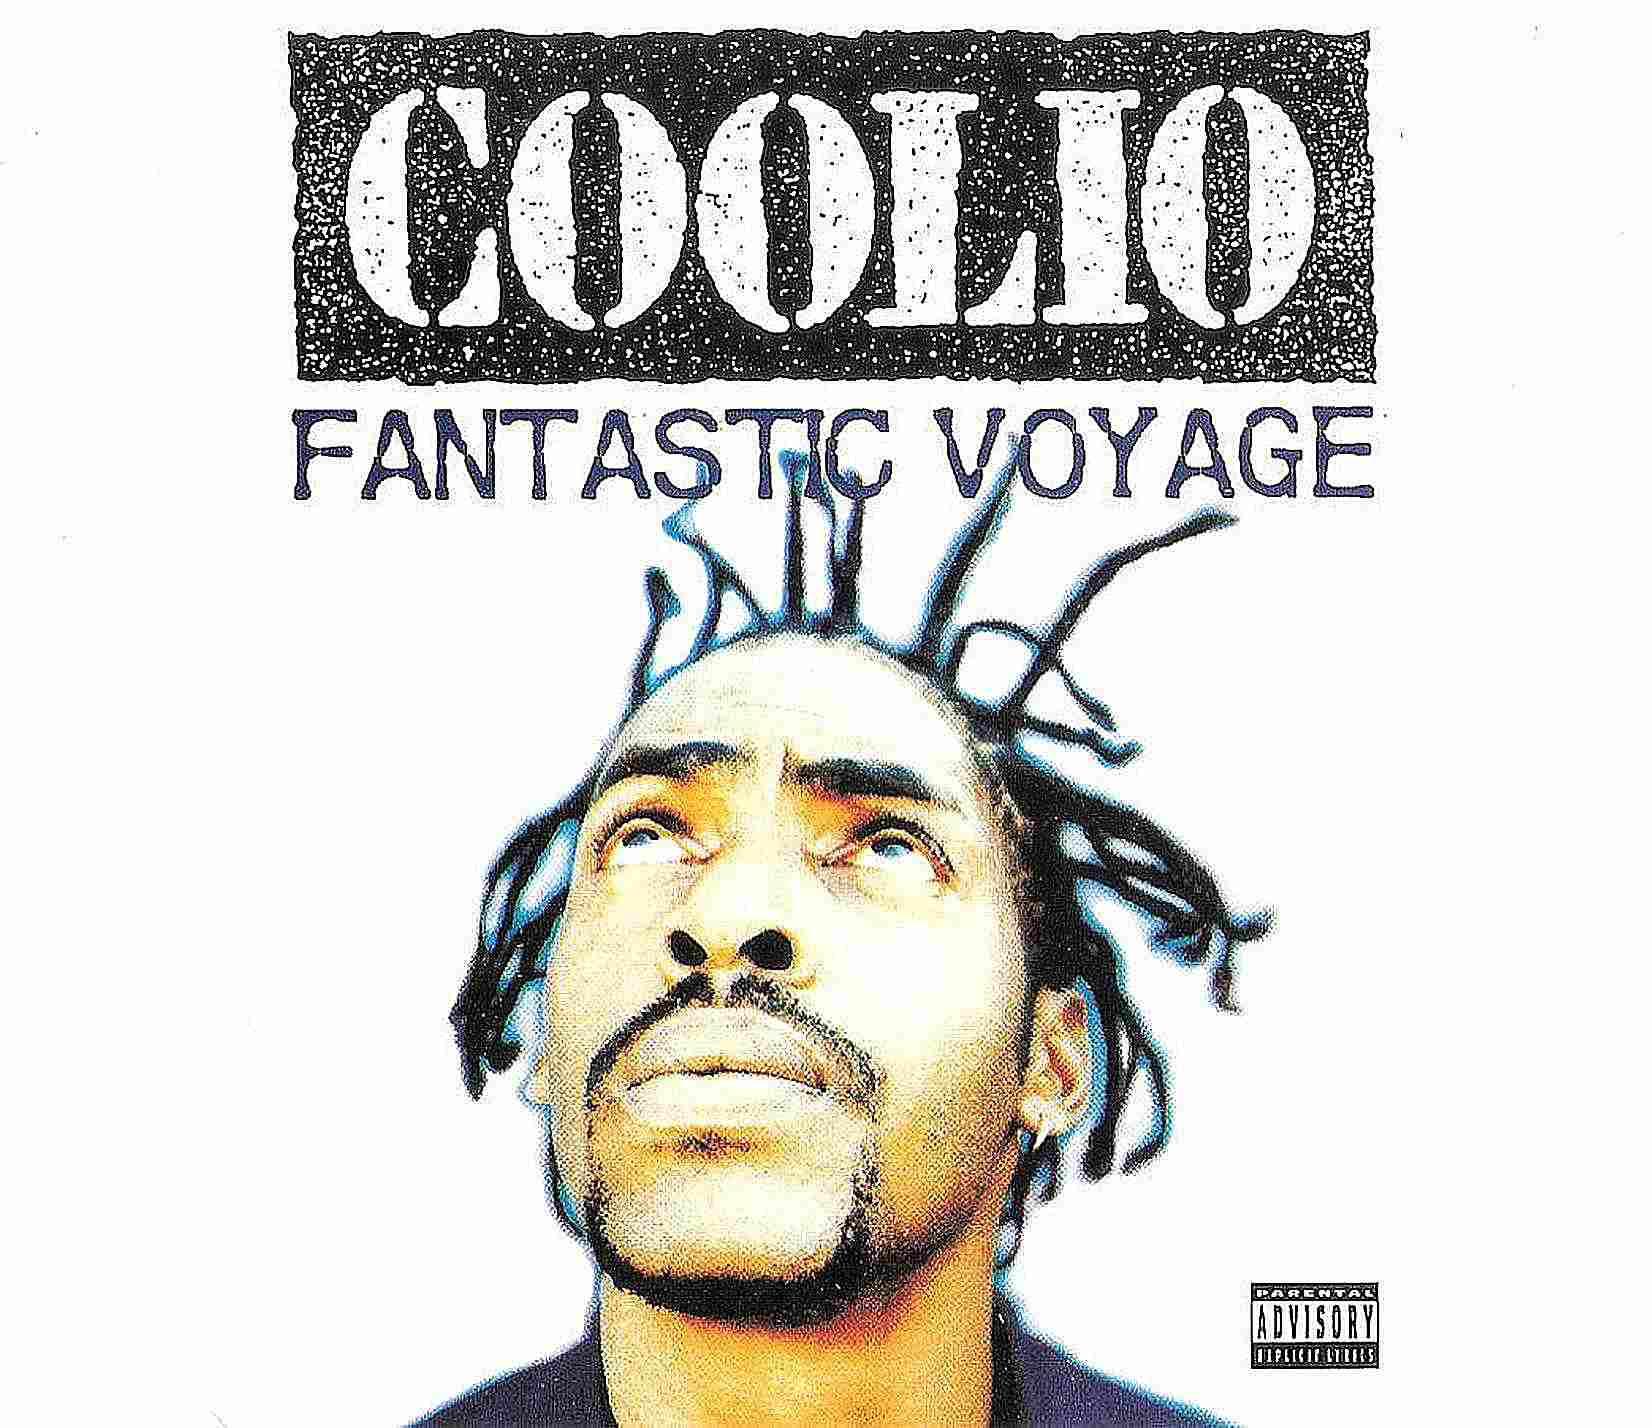 coolio-fantastic-voyage